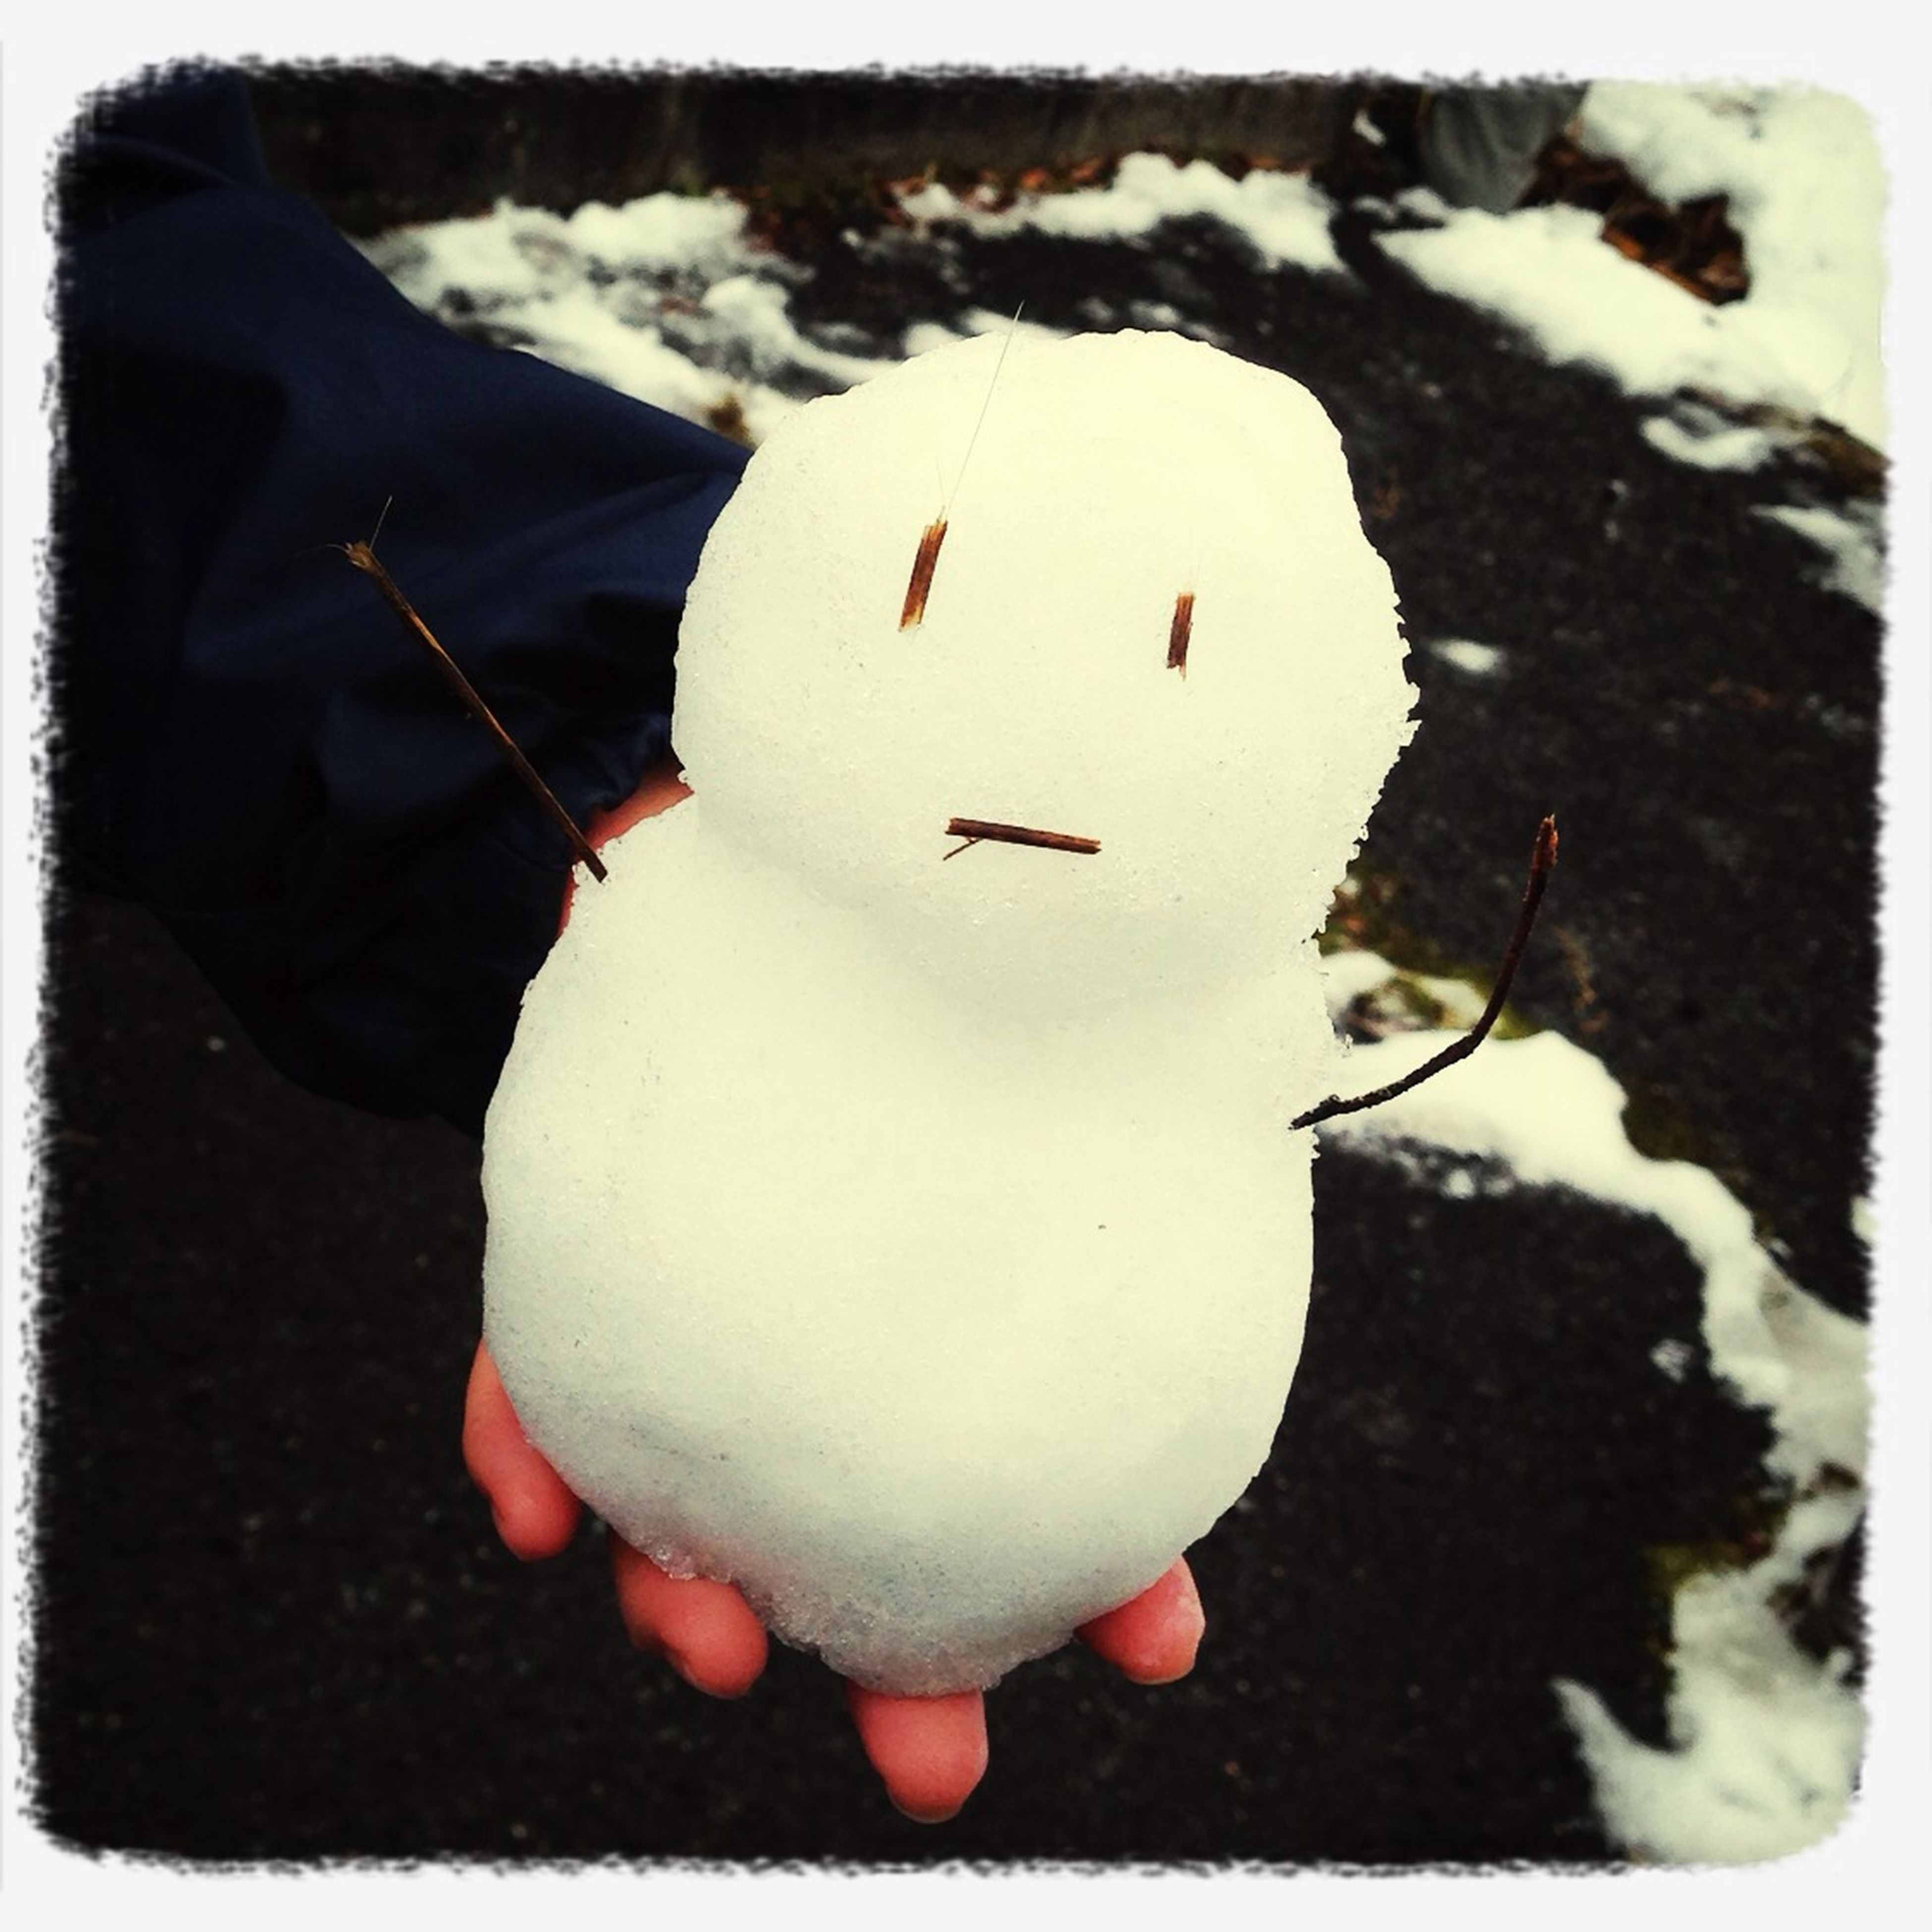 Snow man : )